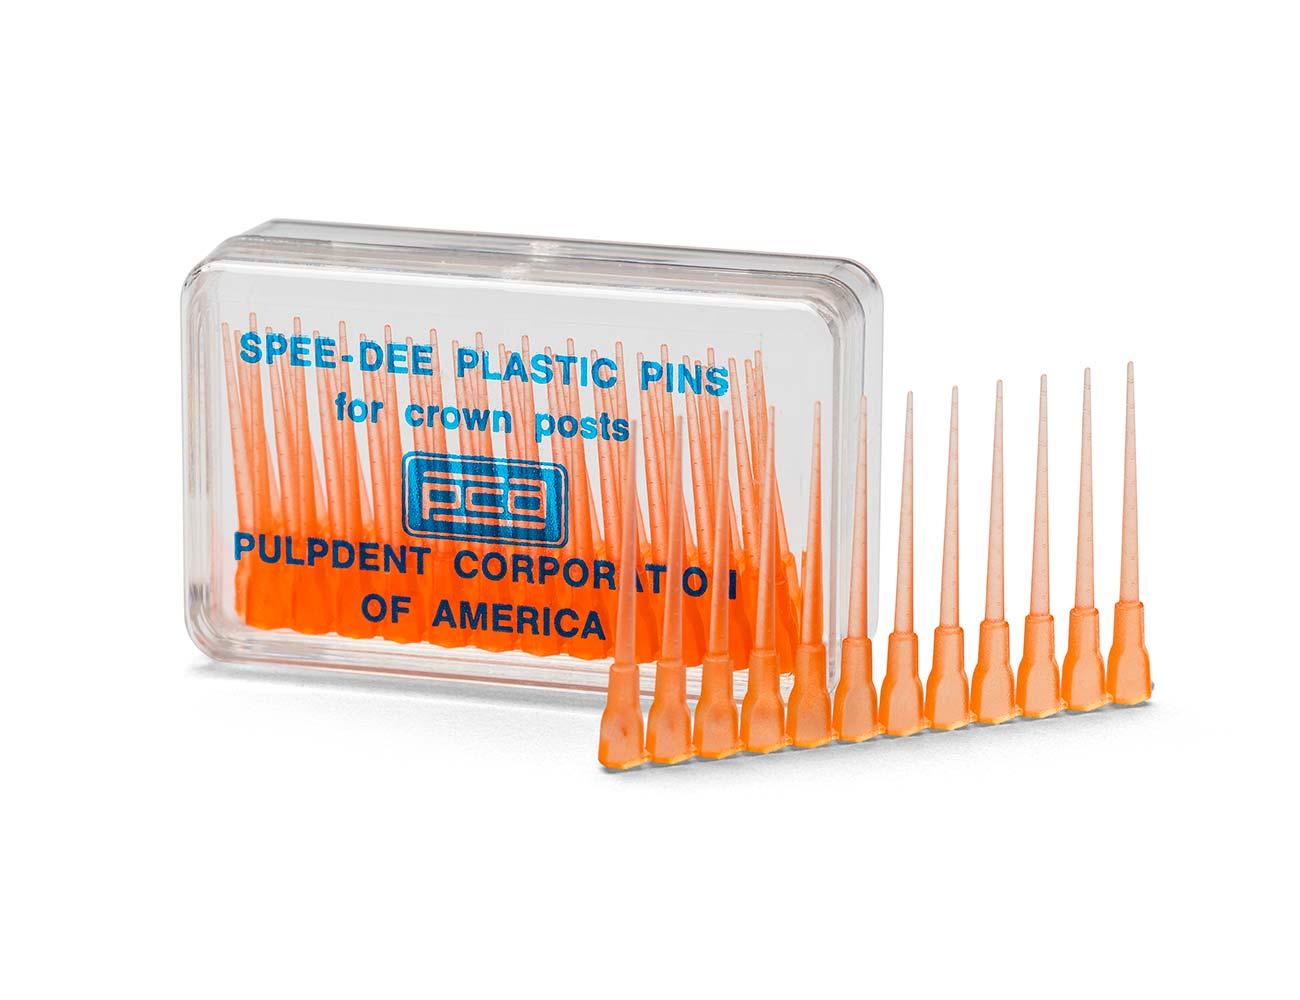 Spee-Dee Plastic Pins